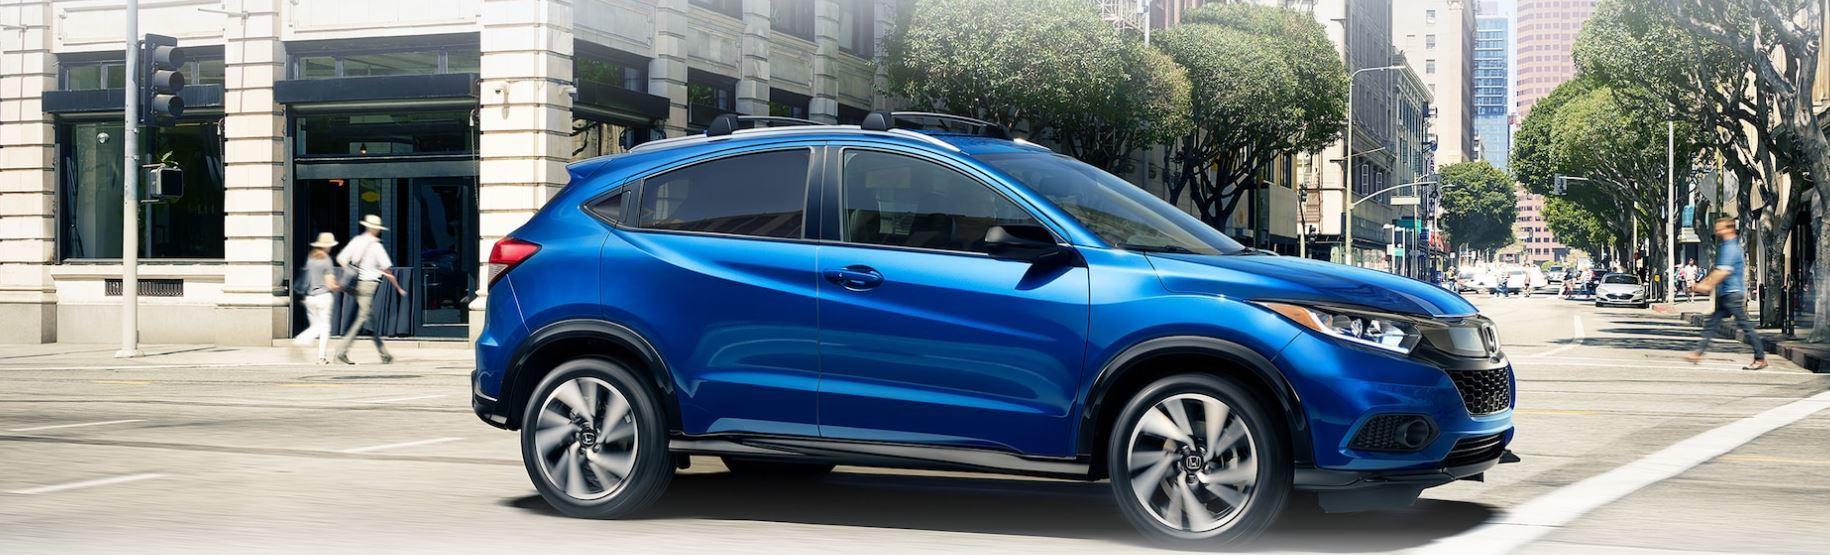 Honda HR-V 2020 a la venta cerca de Arlington, VA